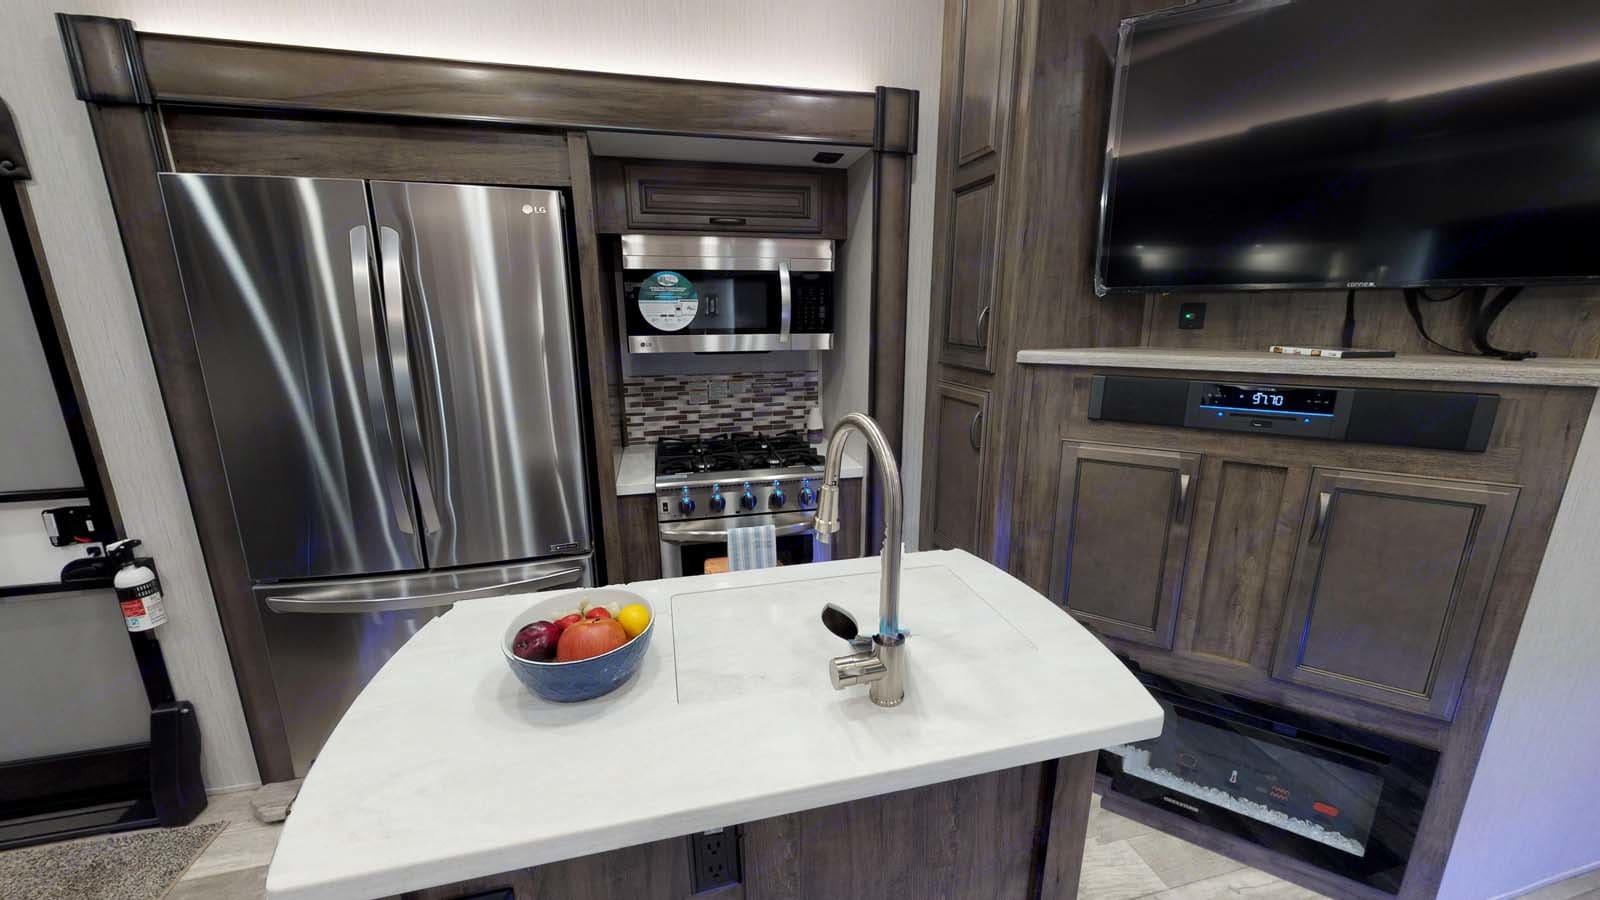 Kitchen. Forest River Sierra 2019